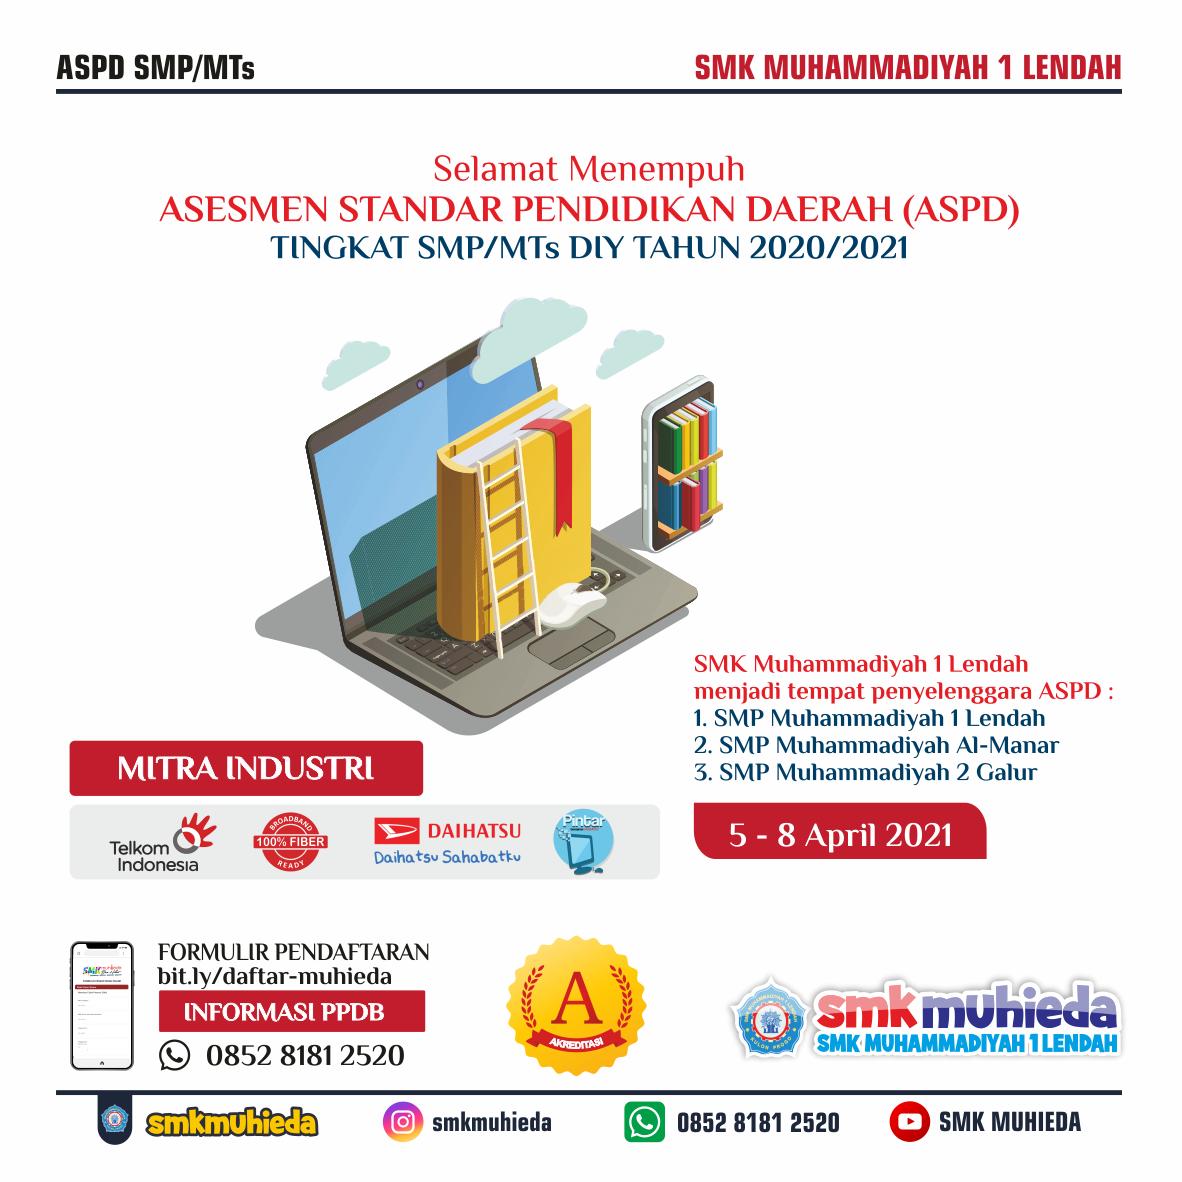 Asesmen Standar Pendidikan Daerah (ASPD) jenjang SMP/MTs